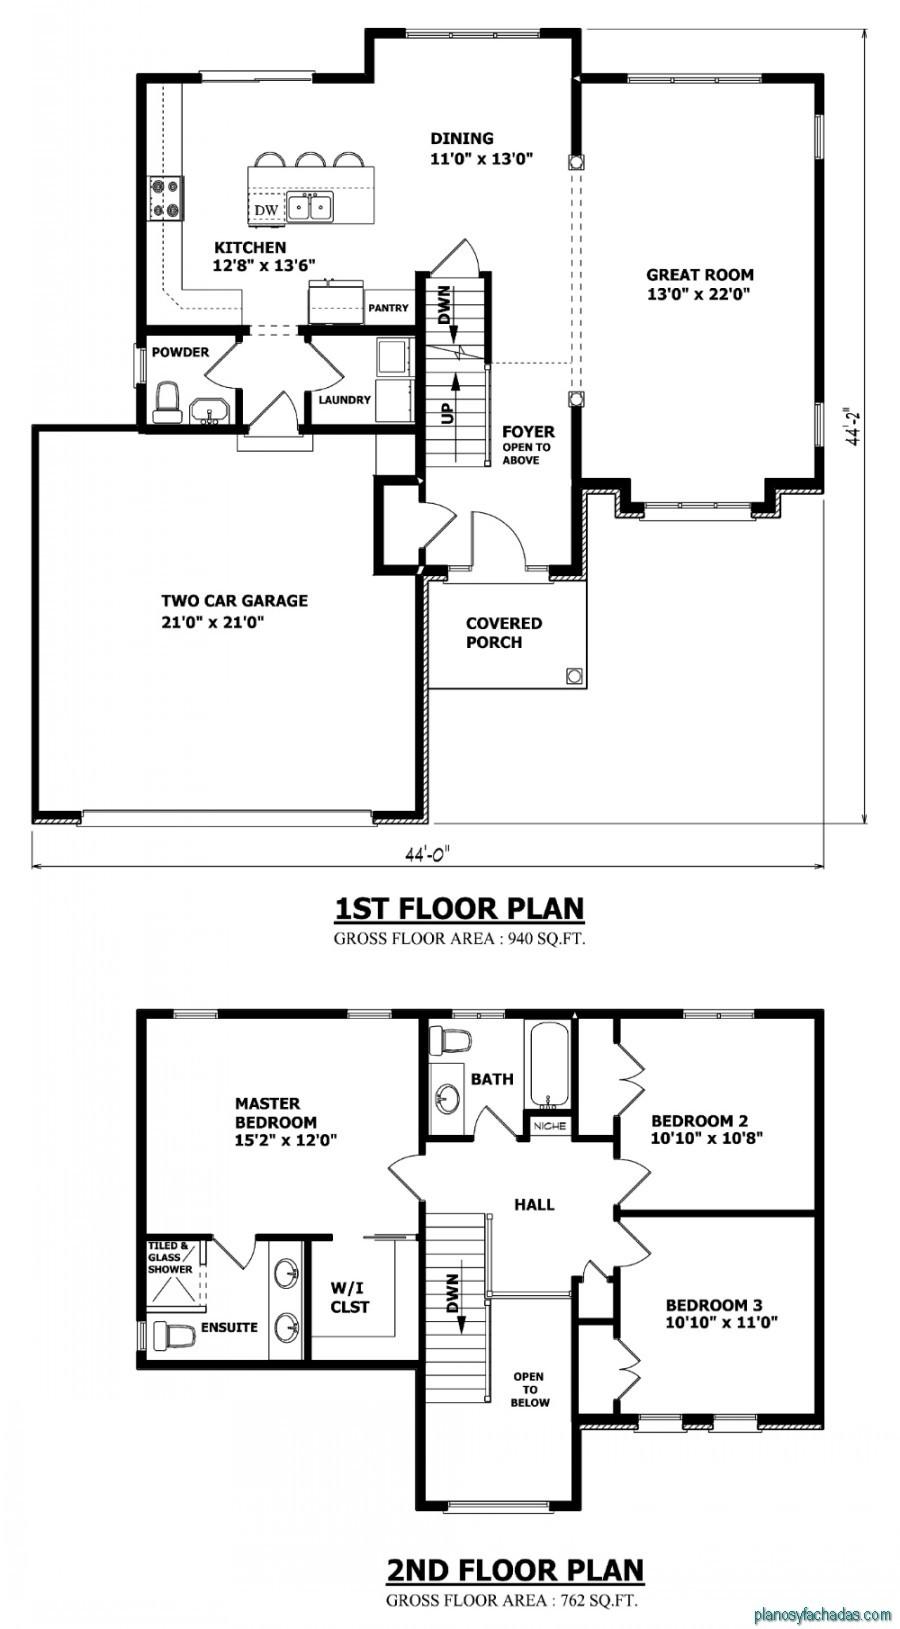 15 Planos de casas pequeñas de dos pisos Planos y Fachadas